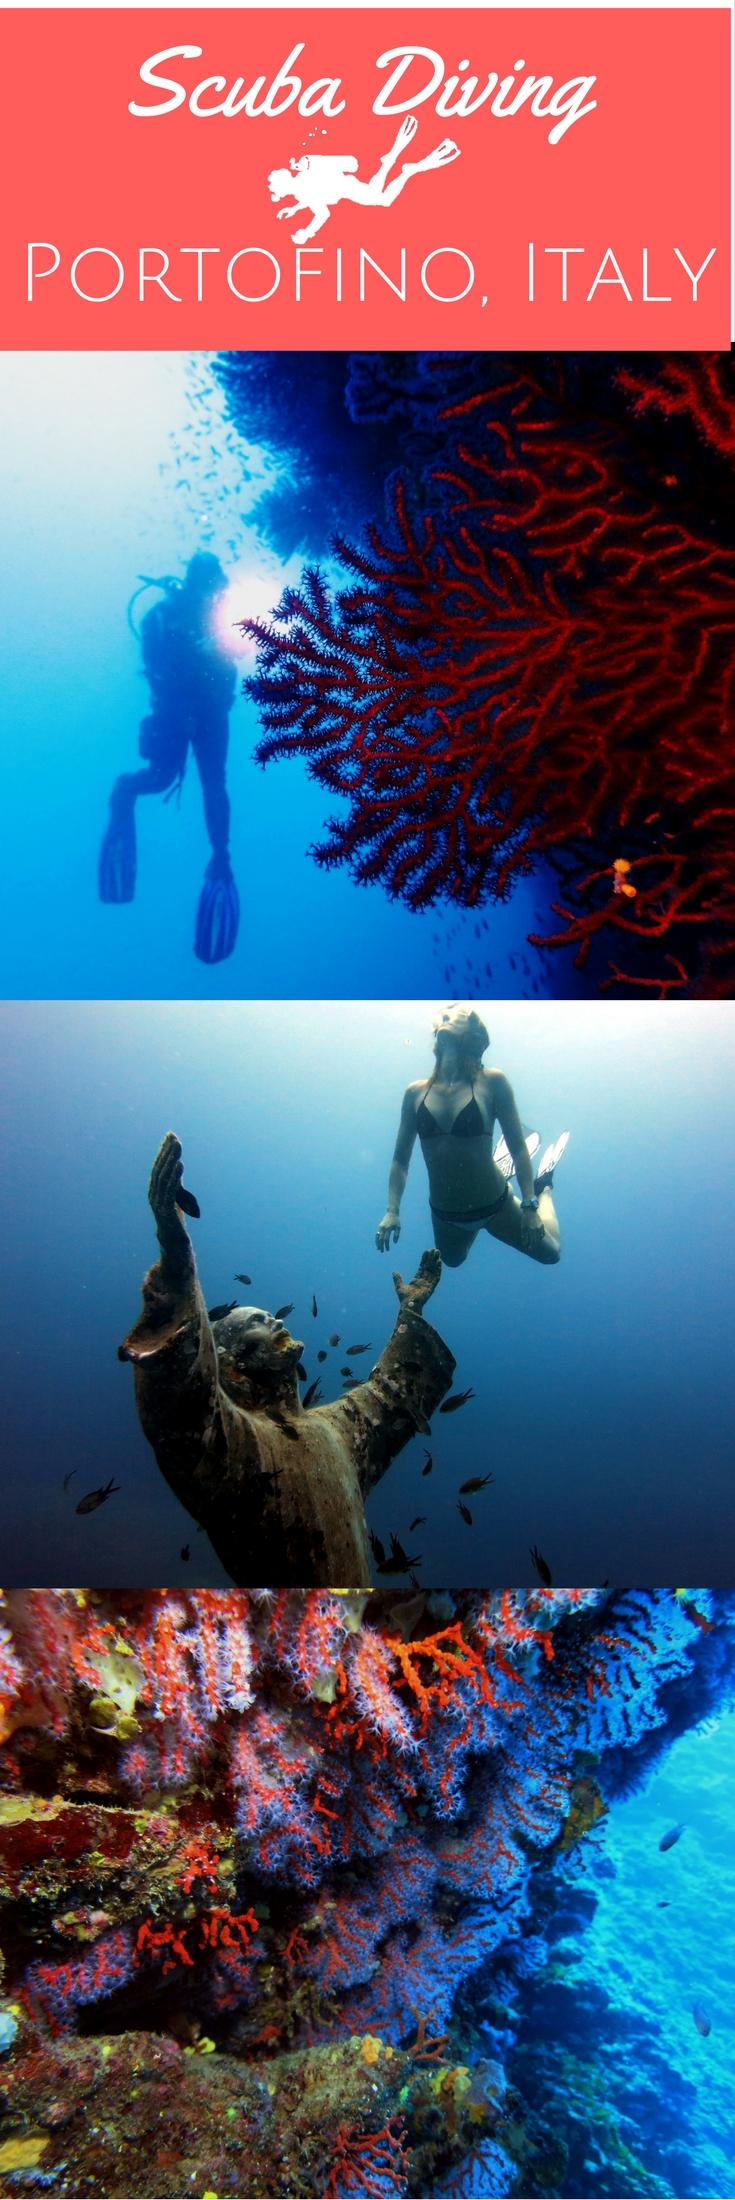 Diving Portofino : Scuba Diving & Dolce Farniente In Italy